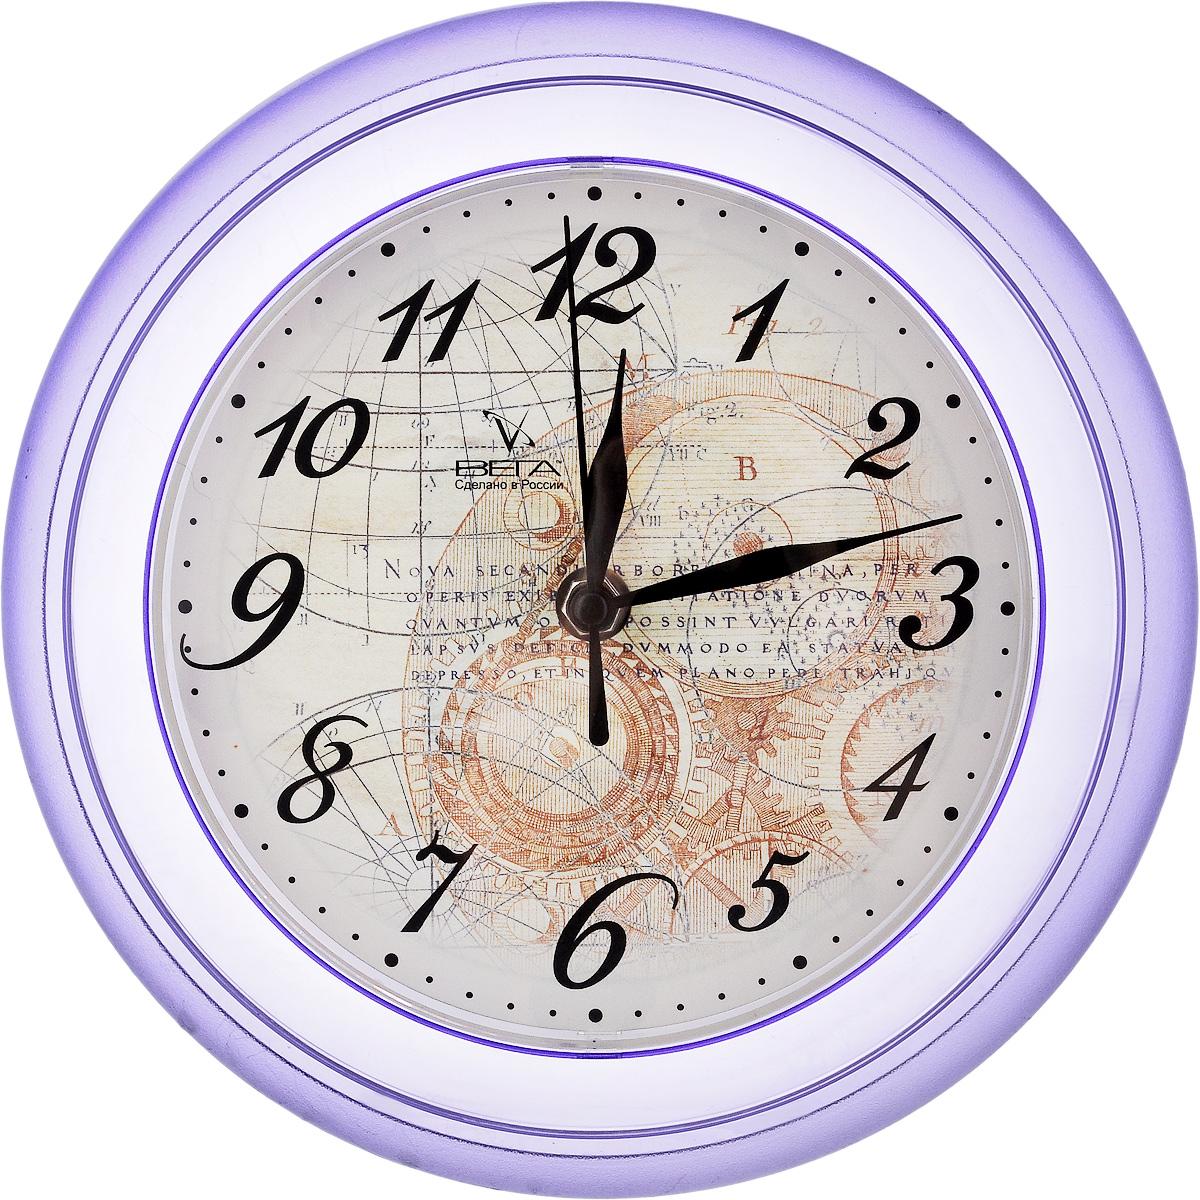 Часы настенные Вега Географические, диаметр 22,5 смП3-14-133Настенные кварцевые часы Вега Географические в классическом дизайне, изготовленные из пластика, прекрасно впишутся в интерьер вашего дома. Круглые часы имеют три стрелки: часовую, минутную и секундную, циферблат защищен прозрачным стеклом. Часы работают от 1 батарейки типа АА напряжением 1,5 В (не входит в комплект). Диаметр часов: 22,5 см.